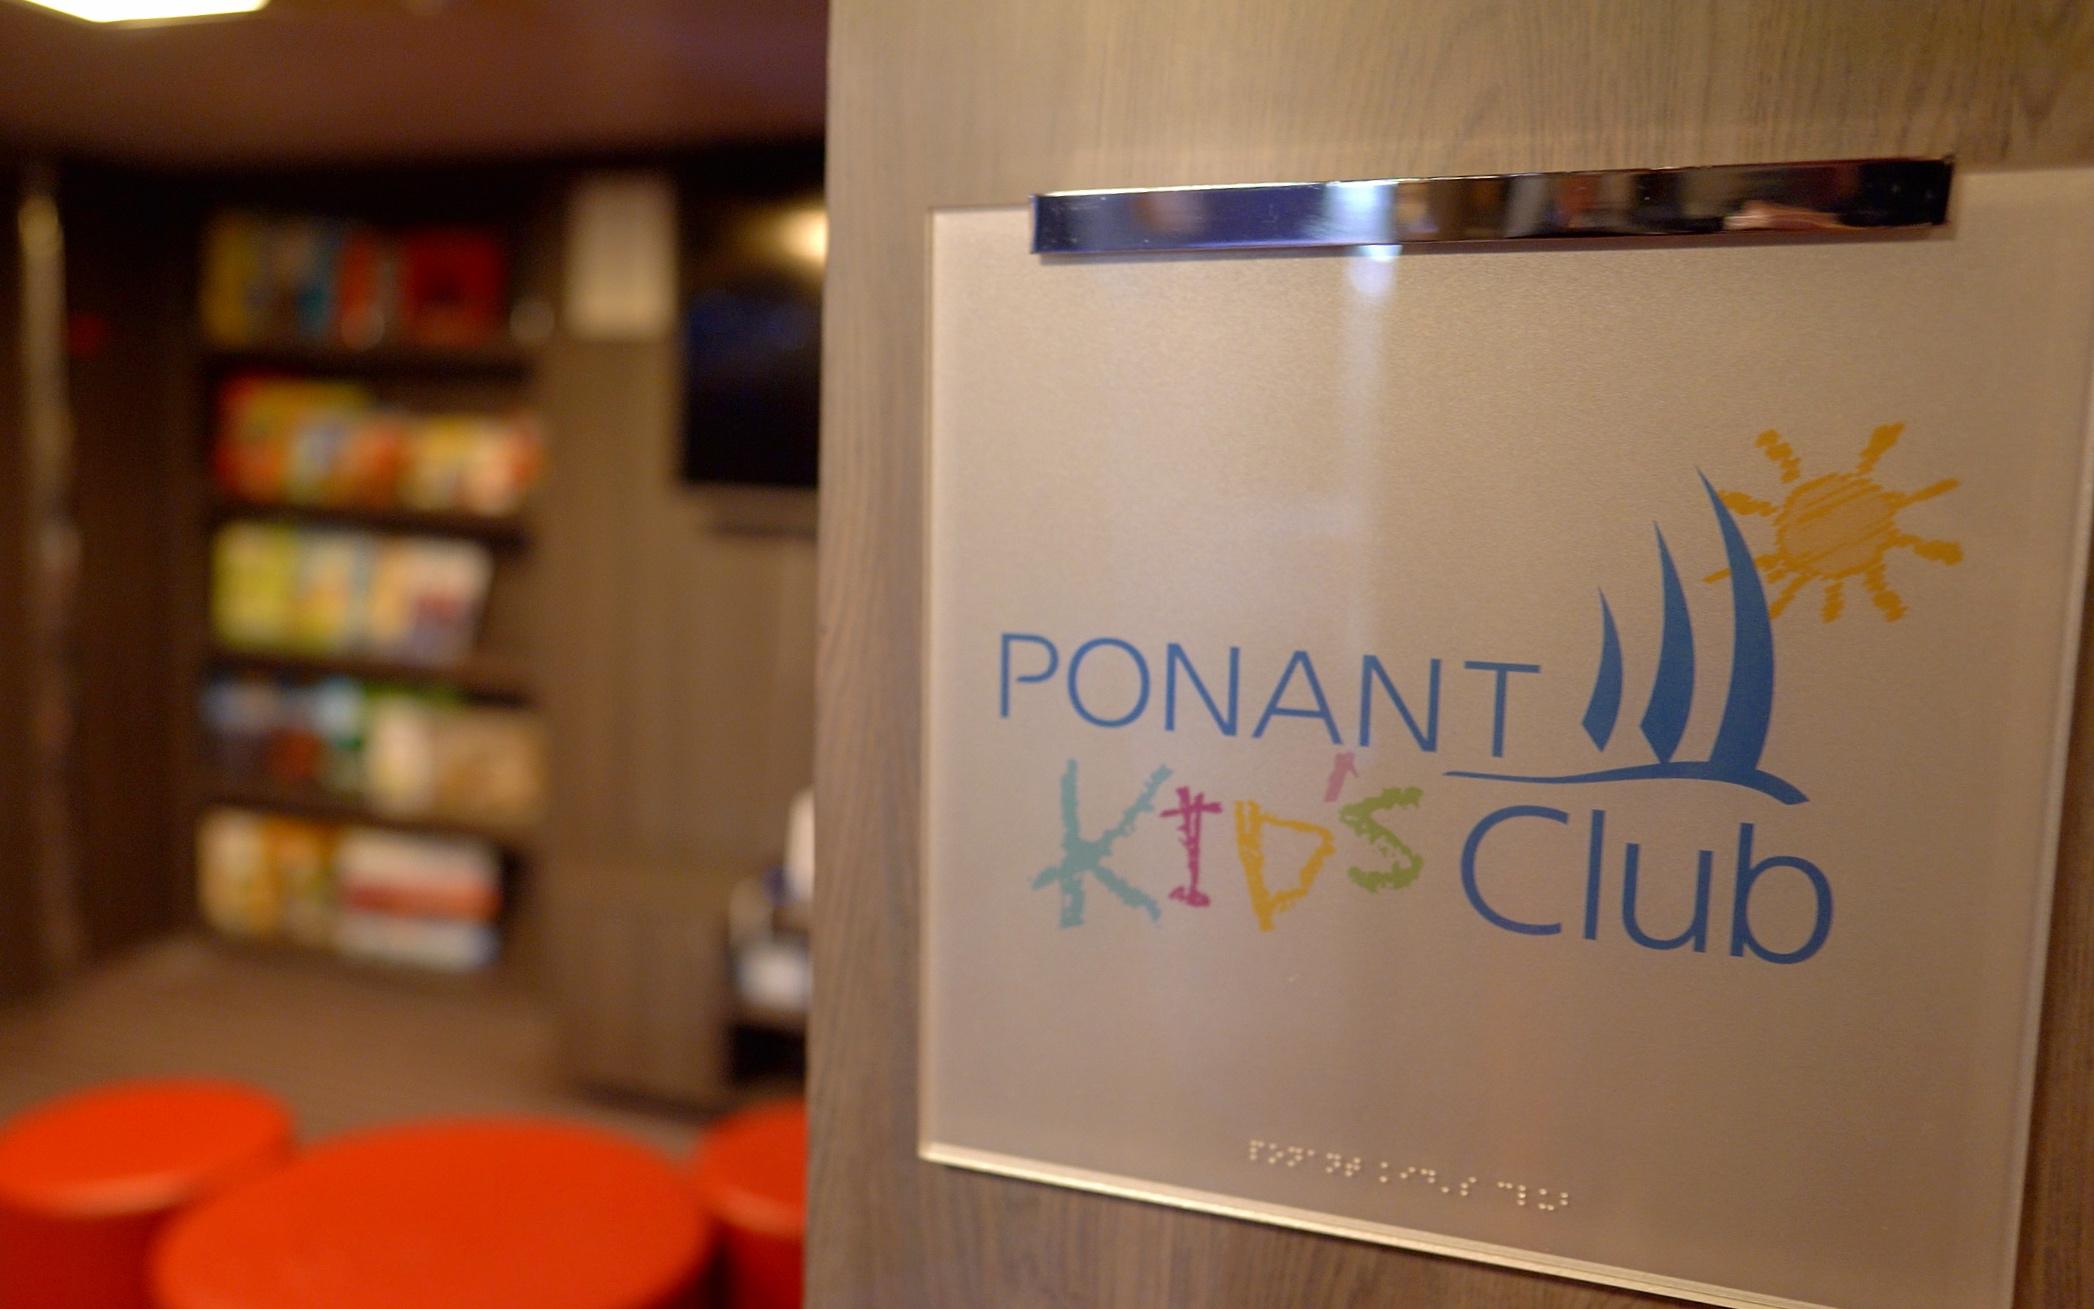 Ponant kids club.